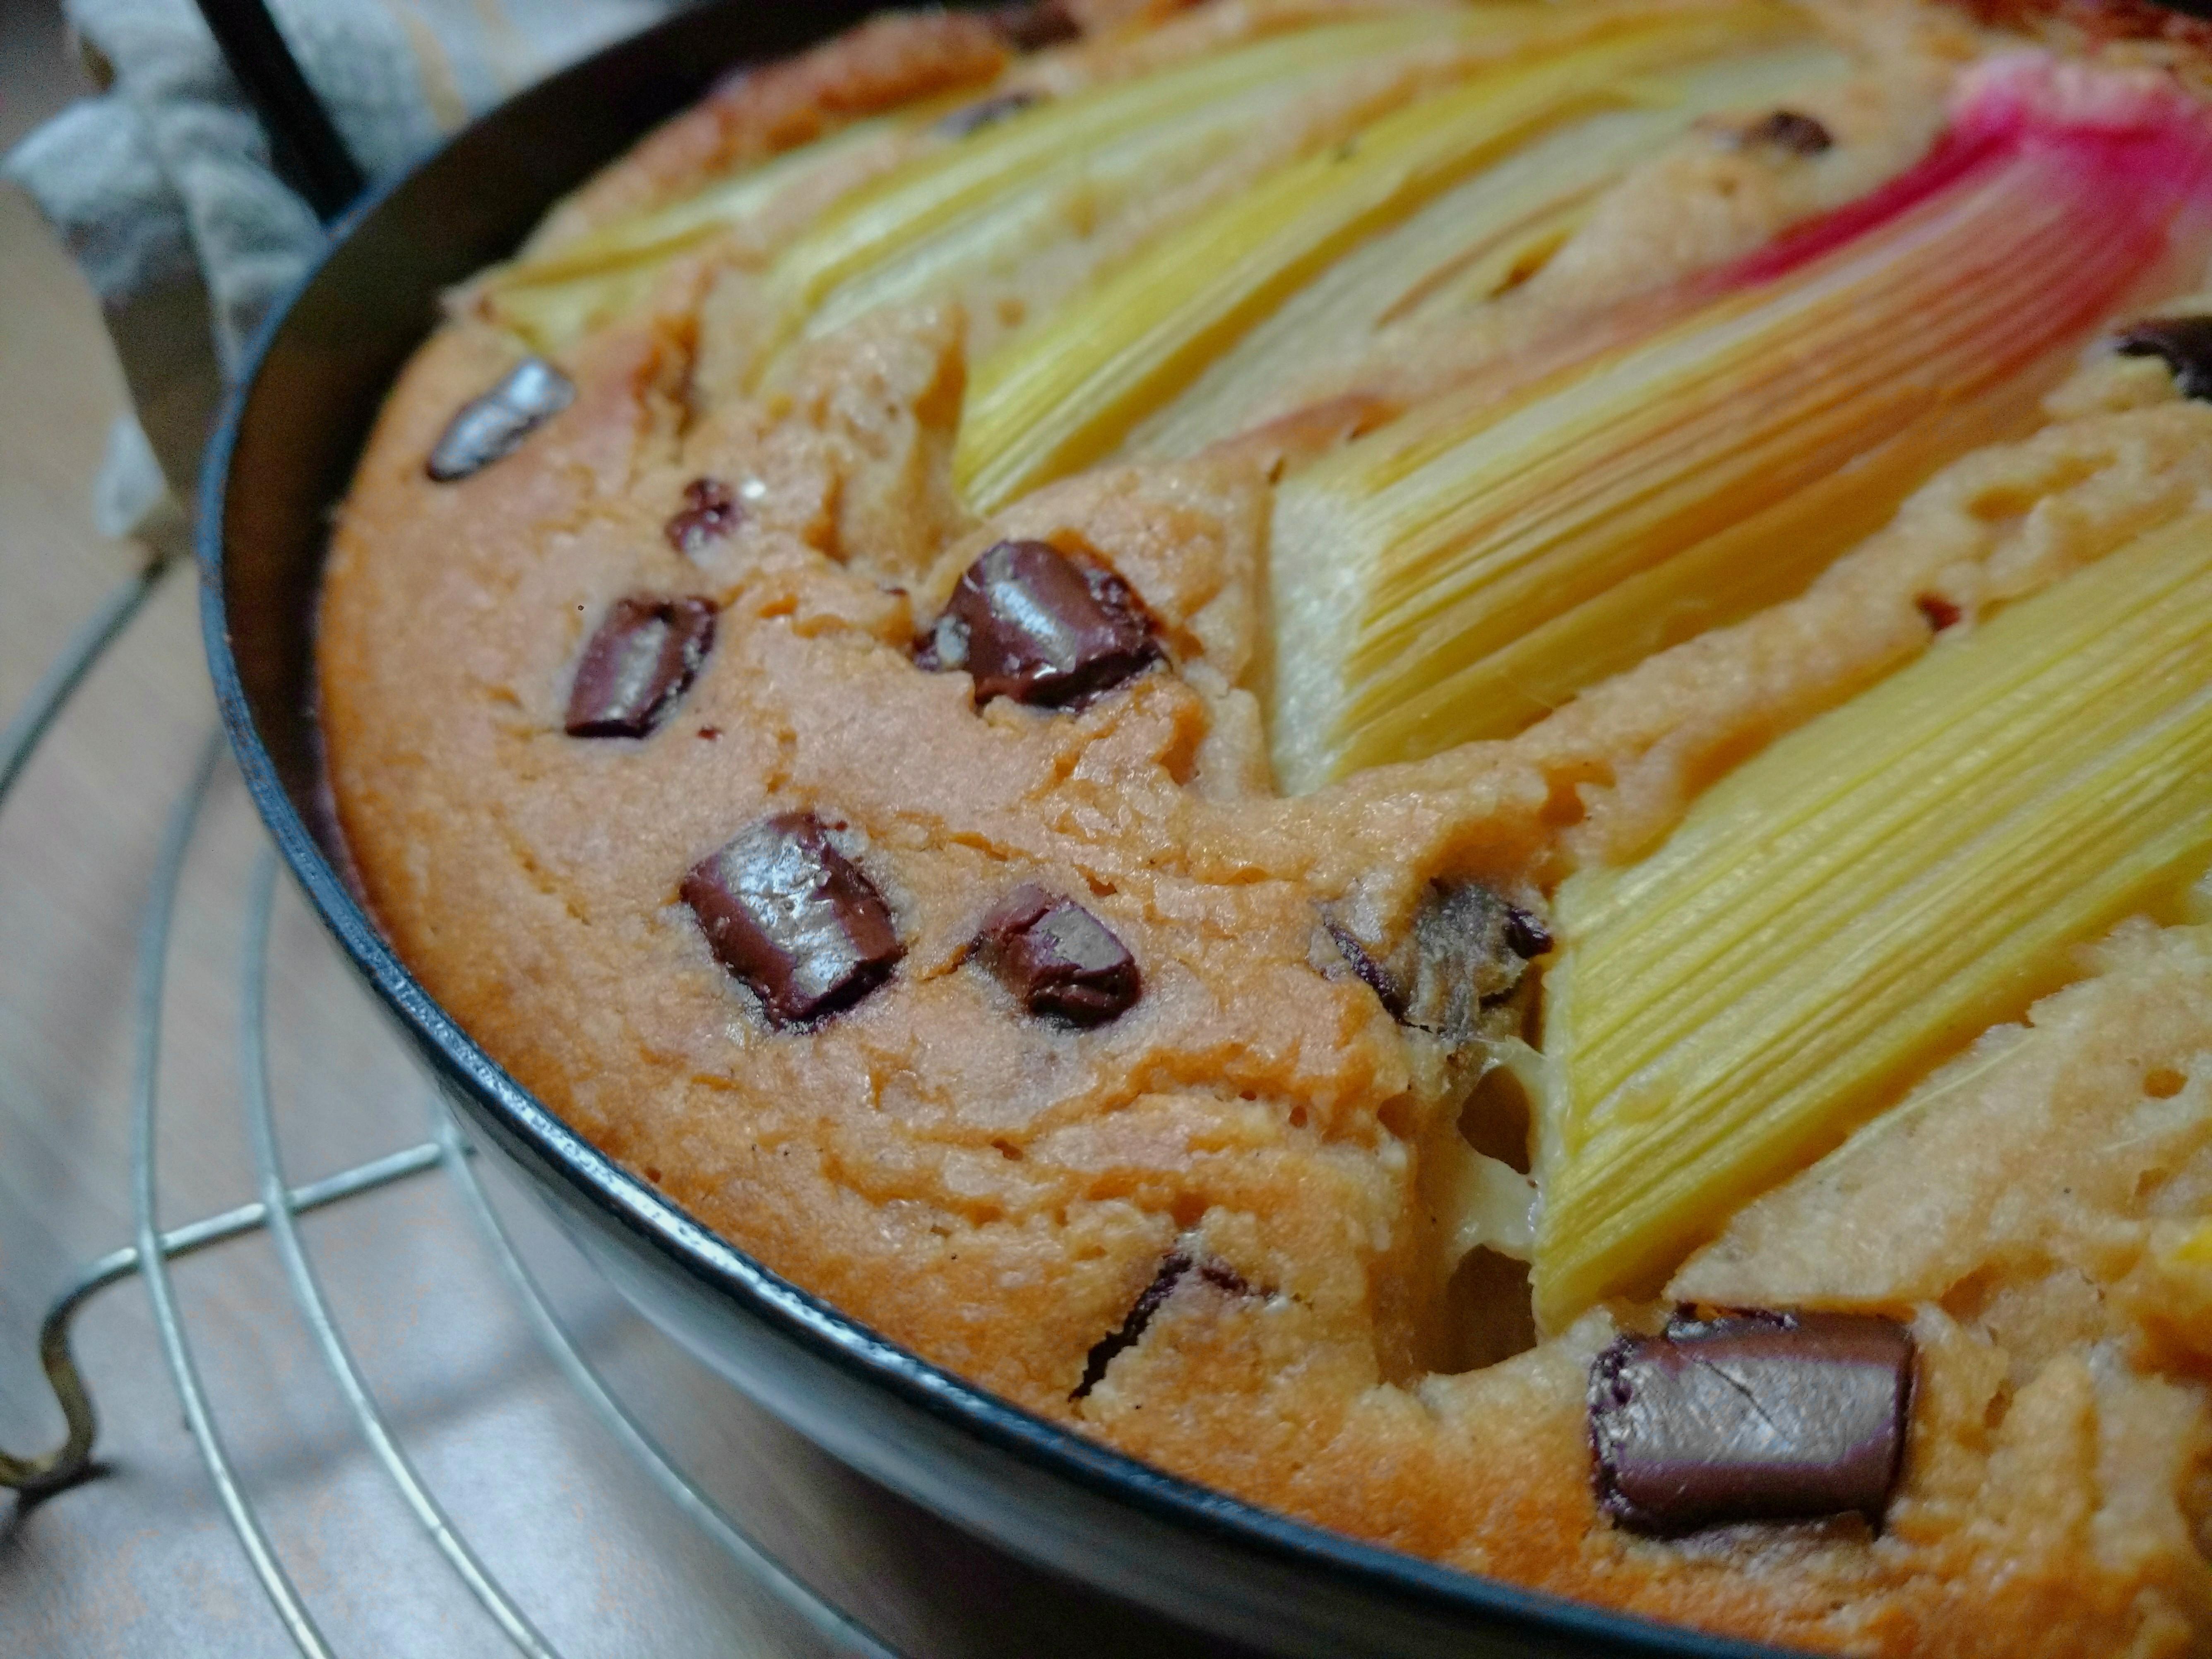 Veganer Ofenpfannkuchen mit Rhabarber und chocolate-chips